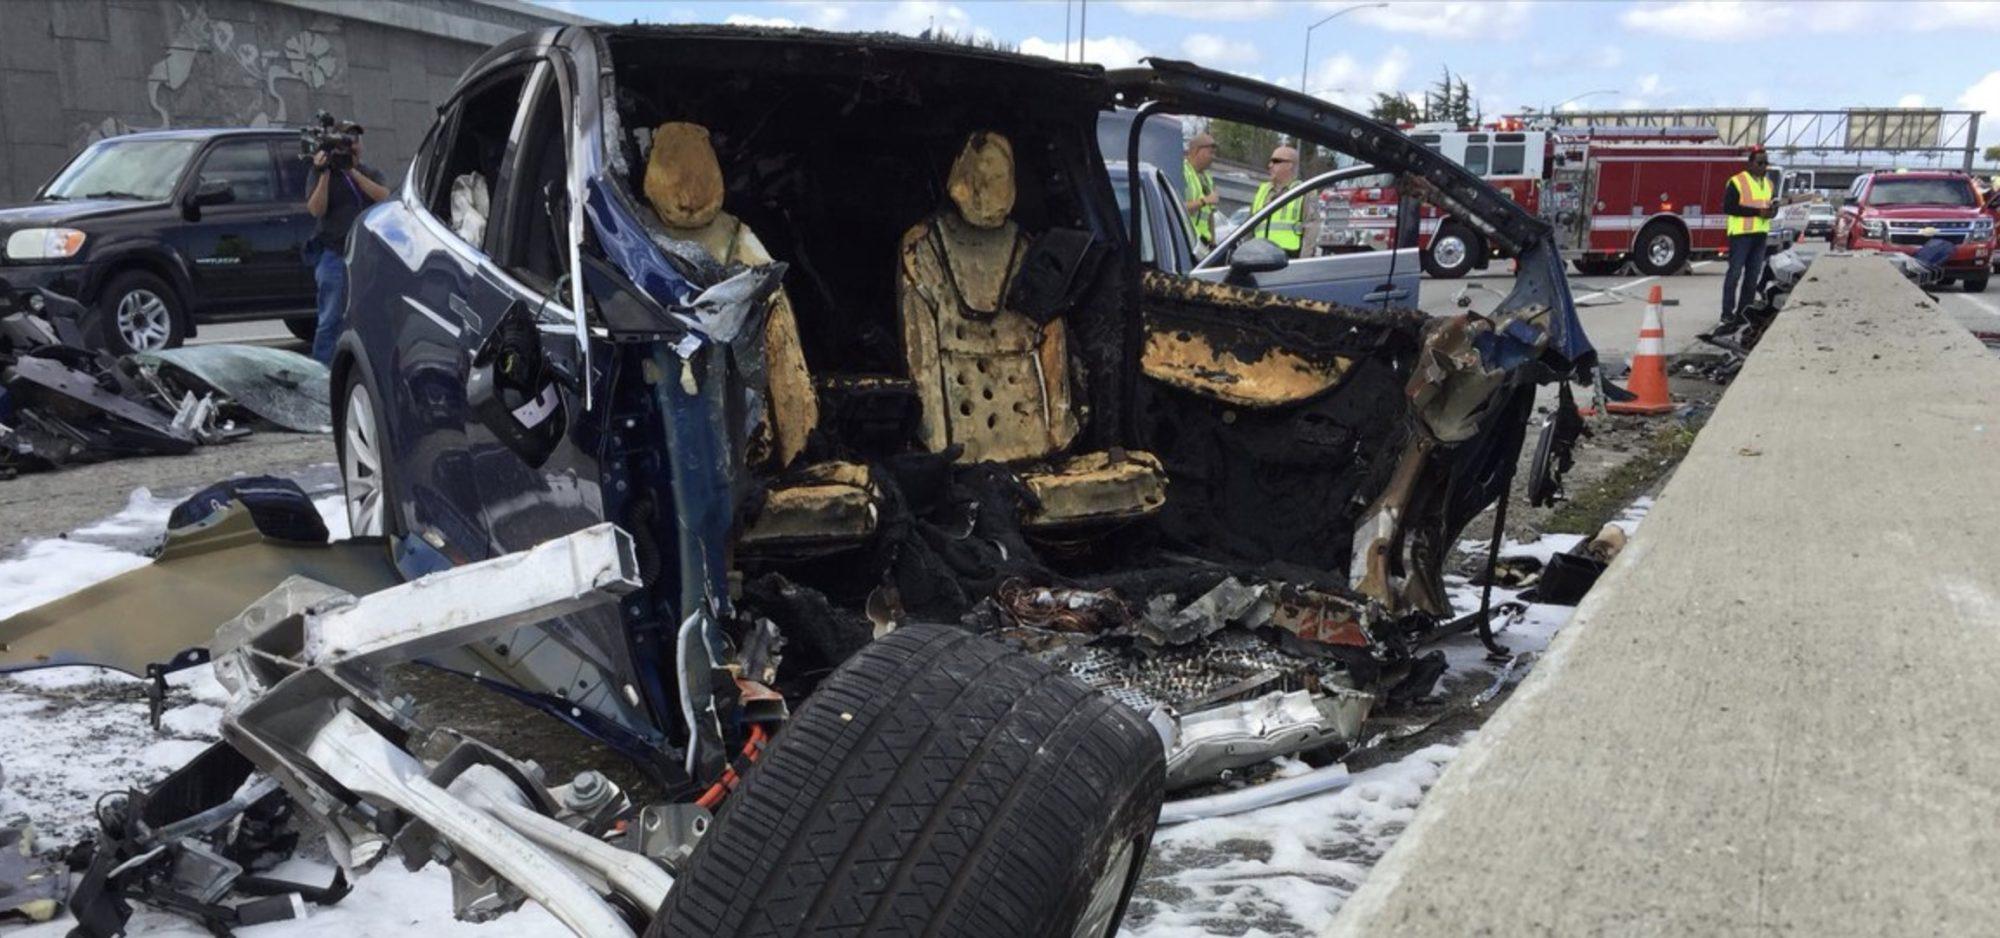 [recovery mode] Предварительный ответ Tesla на последнее ДТП, где погиб водитель